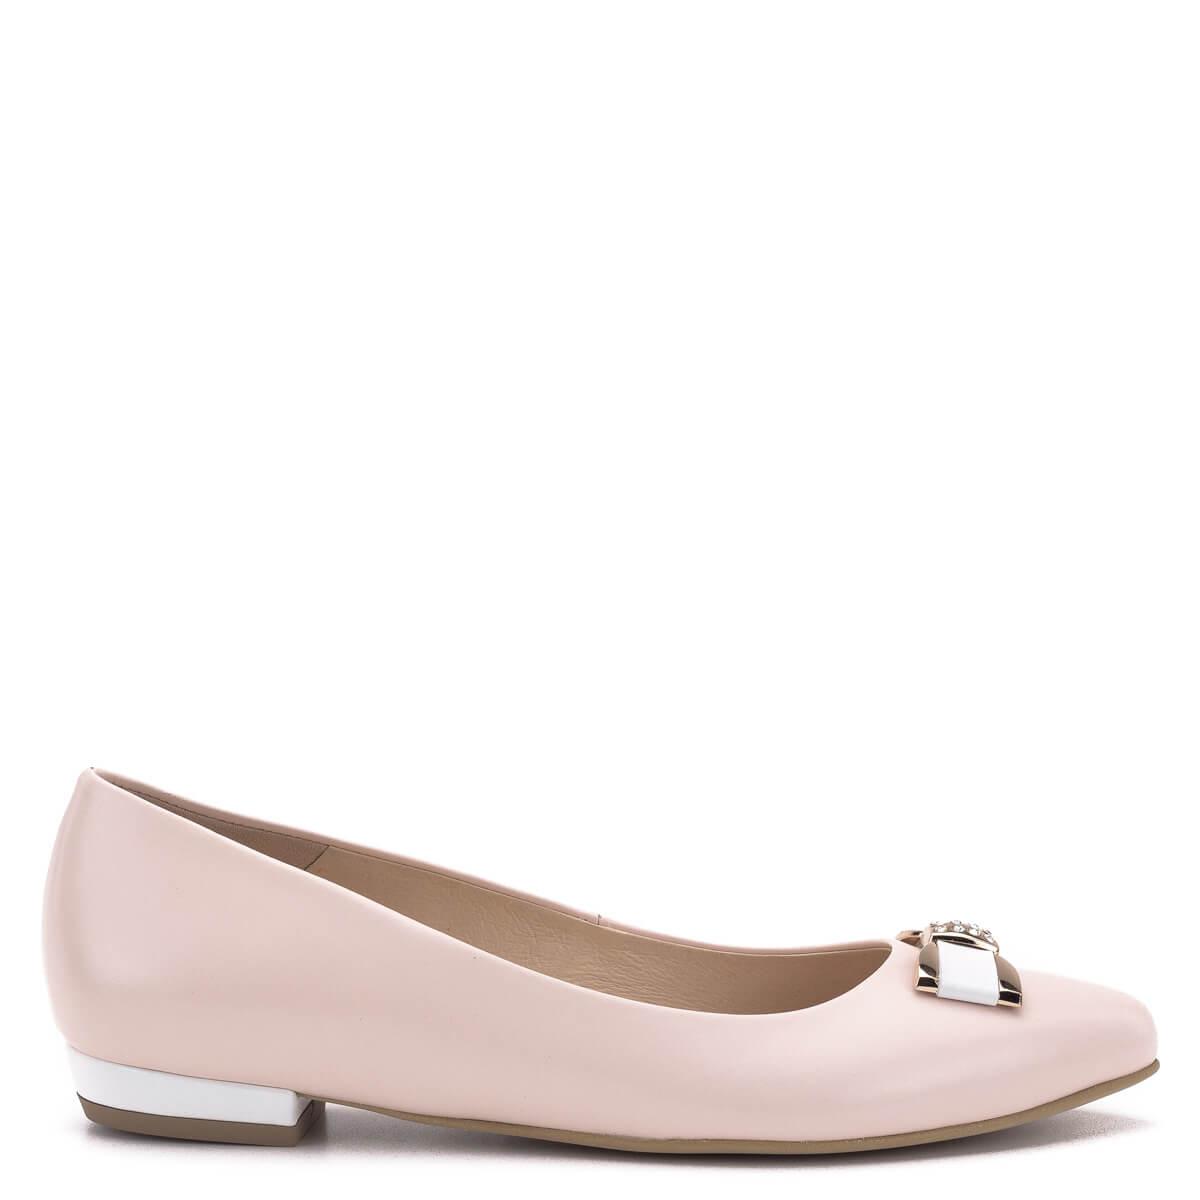 Carla Ricci cipő - Rózsaszín lapos női cipő masni dísszel - Balerina ... 336f841558